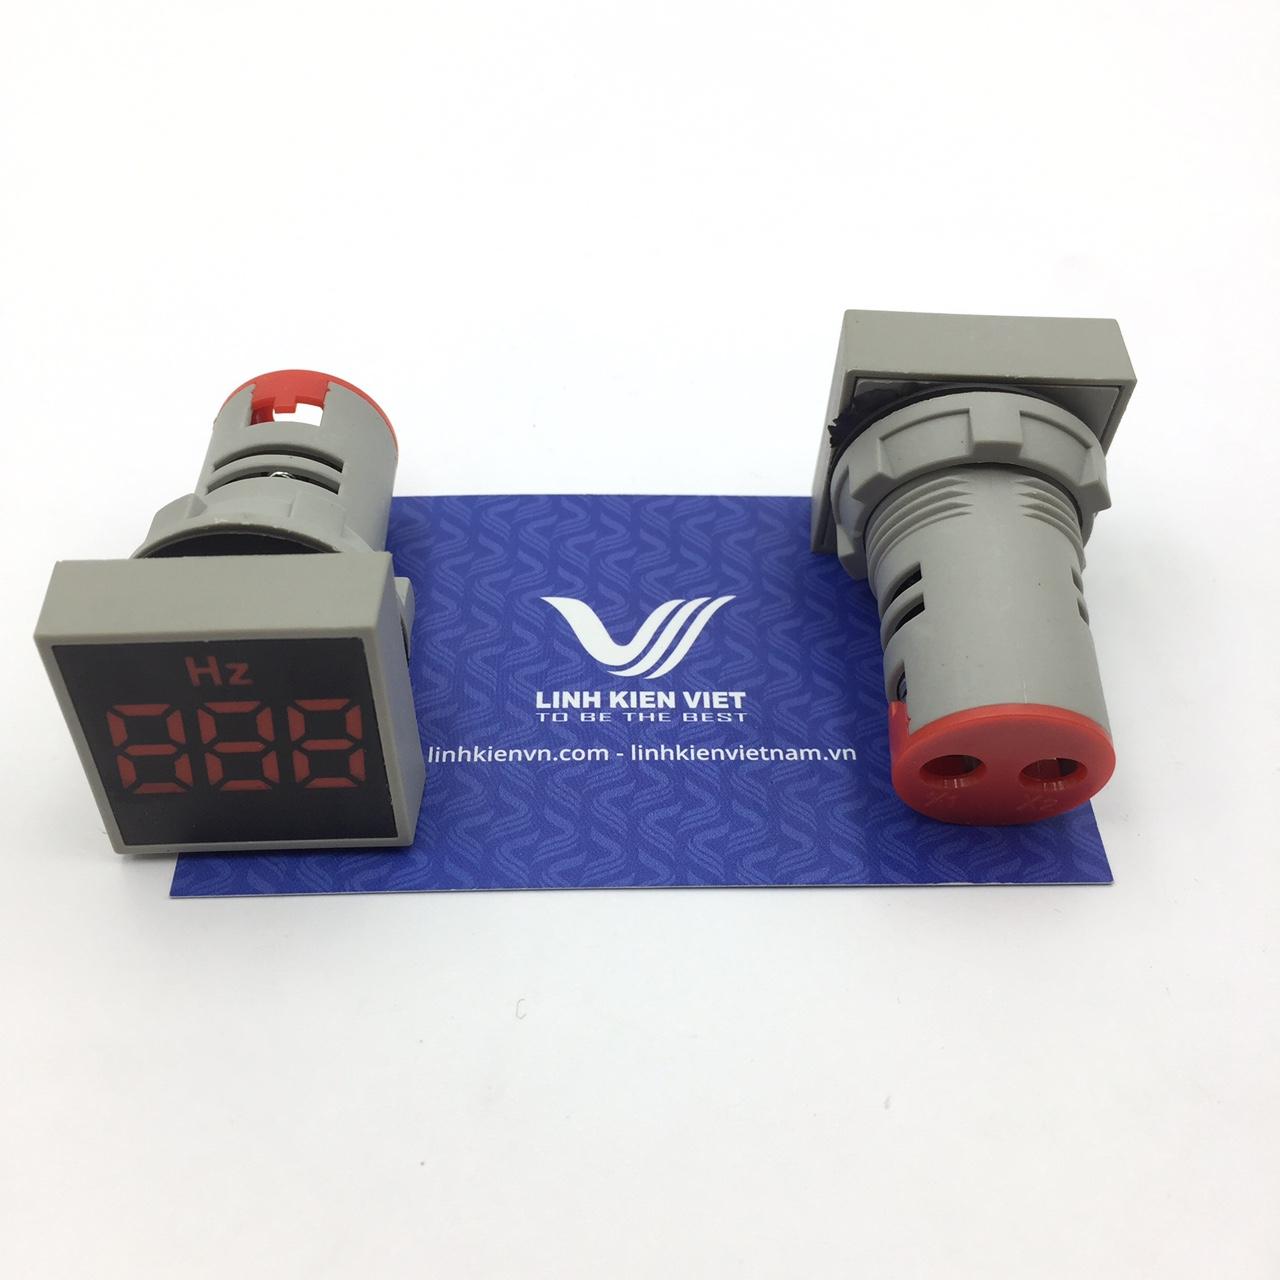 Đồng hồ đo tần số AD101-22HzS màu Đỏ - S1H3